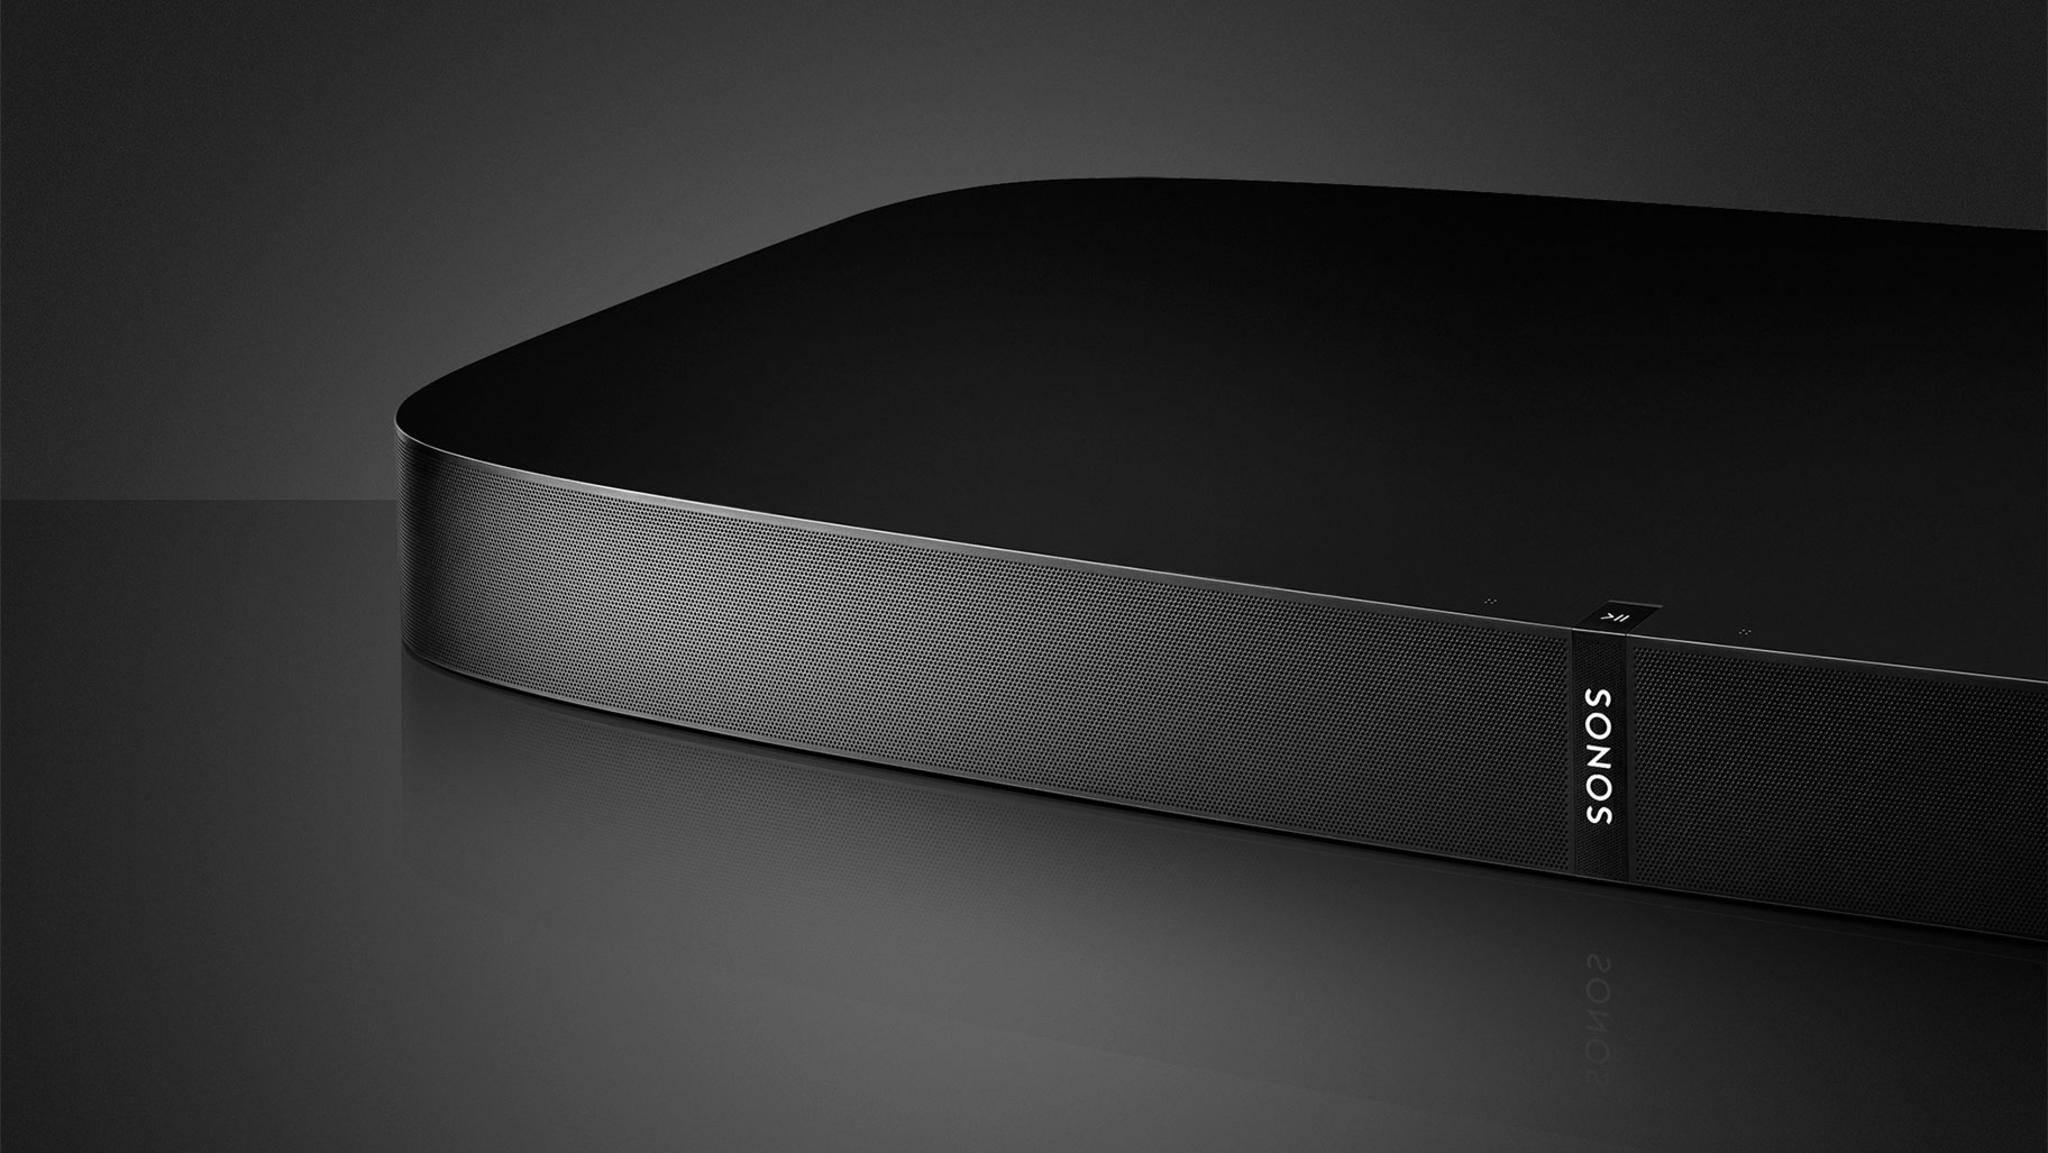 Guter Sound, ordentlich Stellfläche für den TV: die Sonos Playbase.